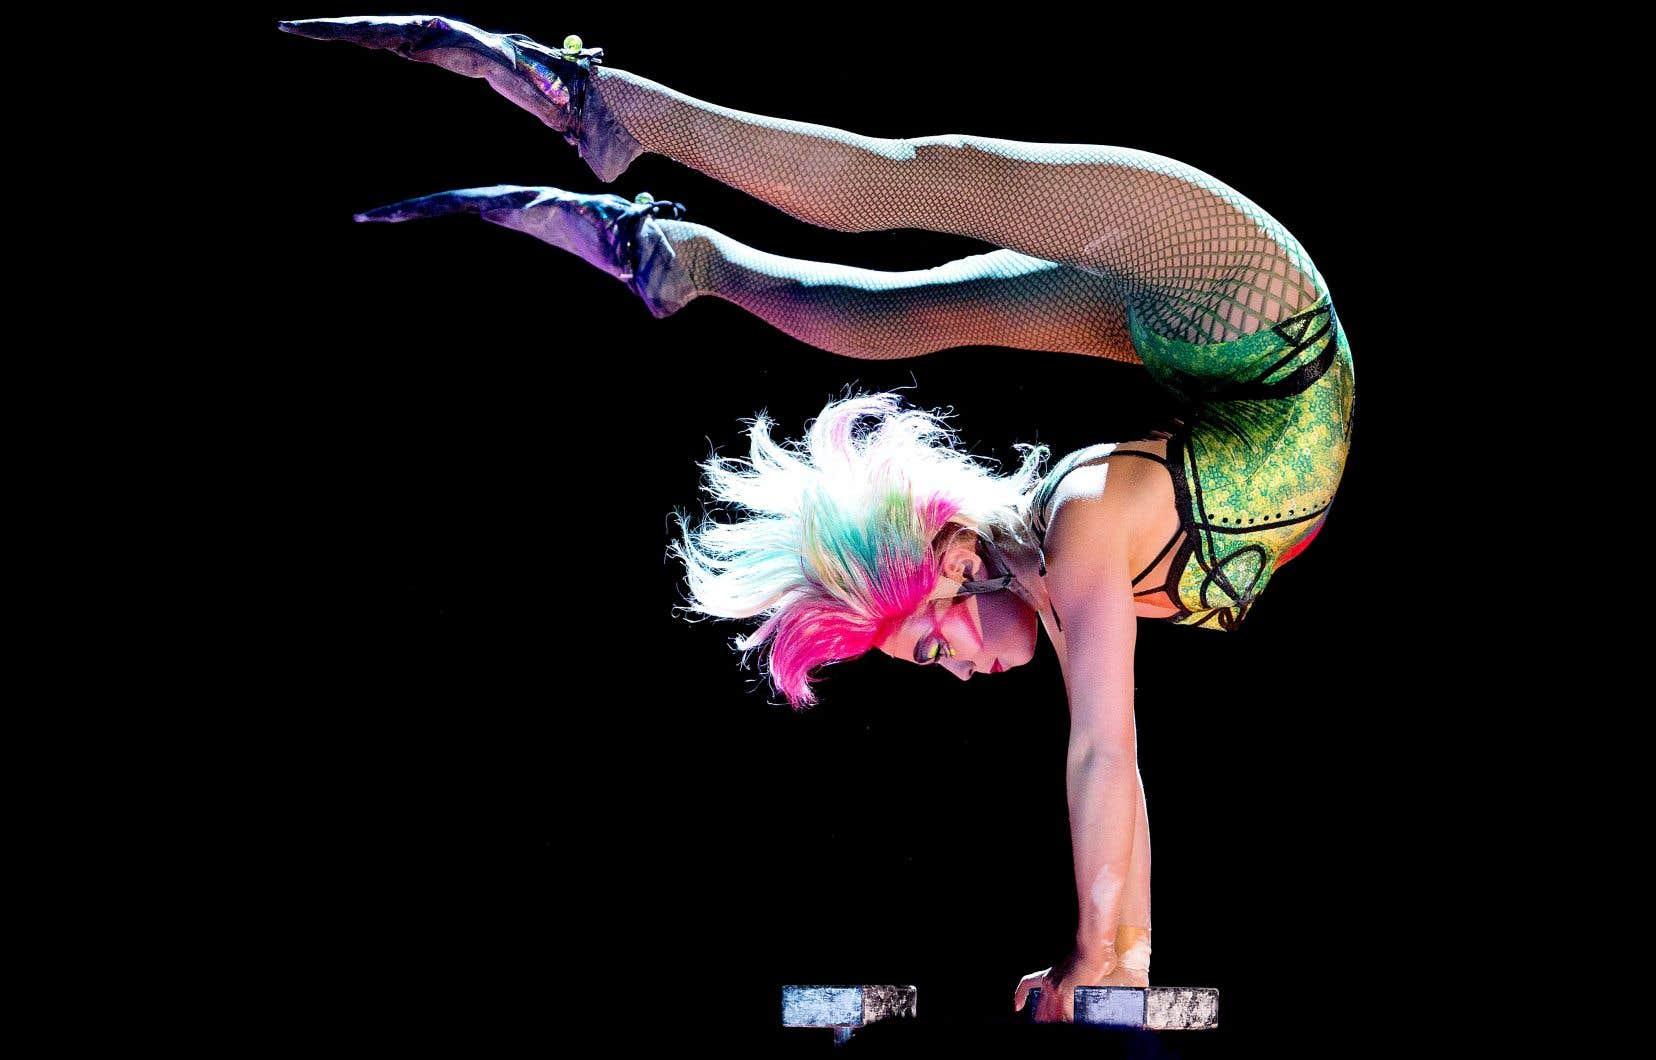 Le Cirque du Soleil a annoncé mardi qu'il annulait plusieurs spectacles à travers le monde.